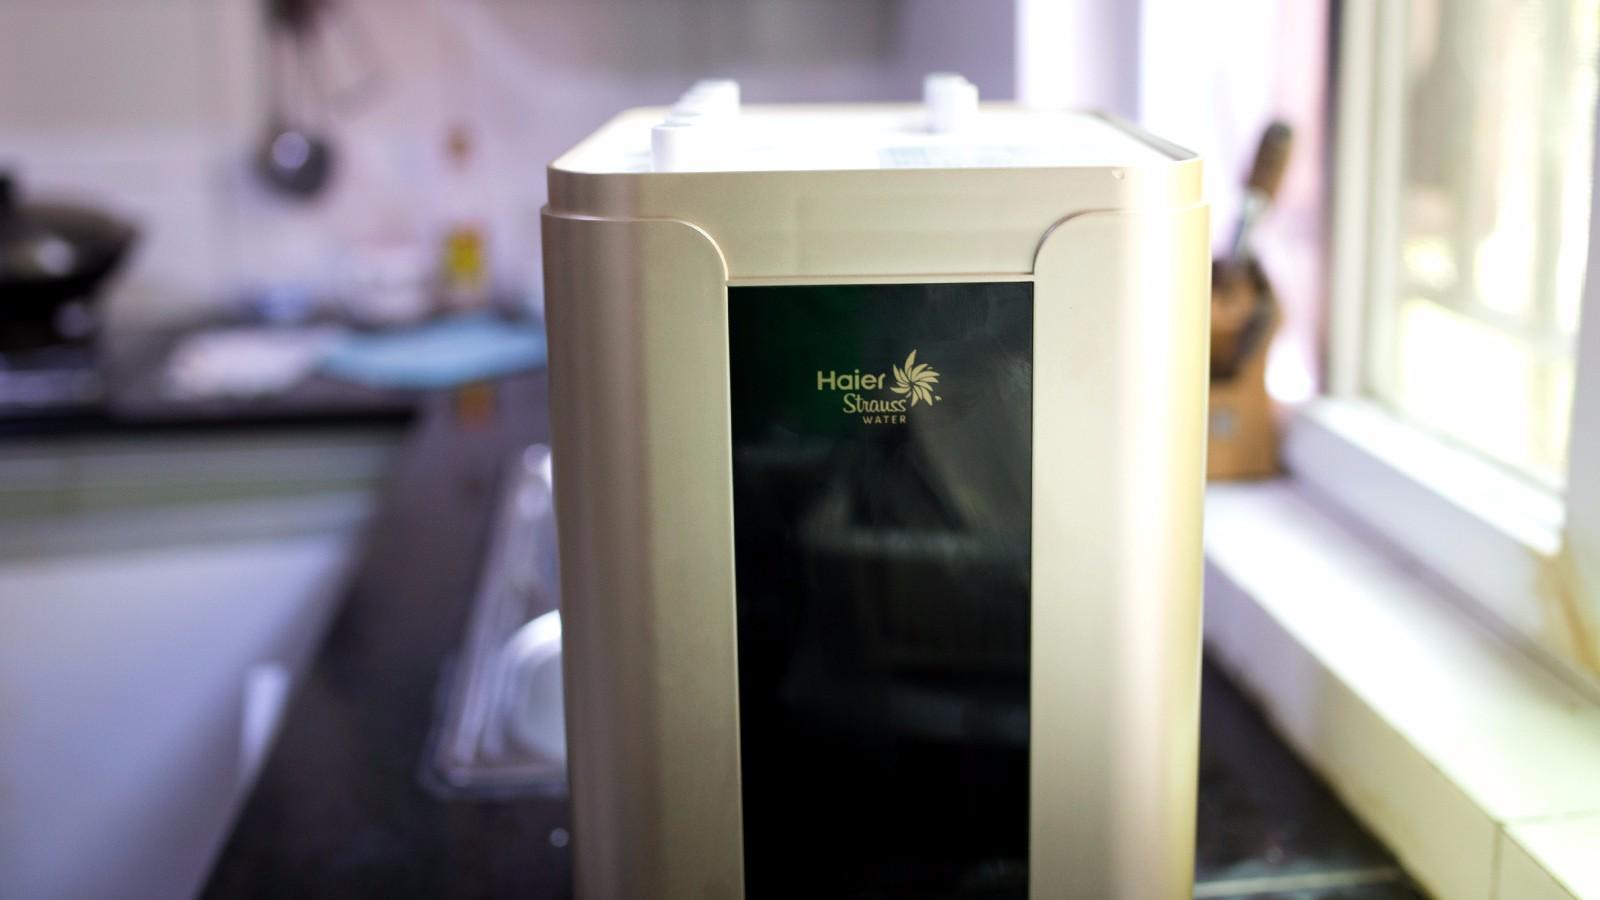 海尔施特劳斯P7净水机HSNF开箱评测 放心直饮健康水